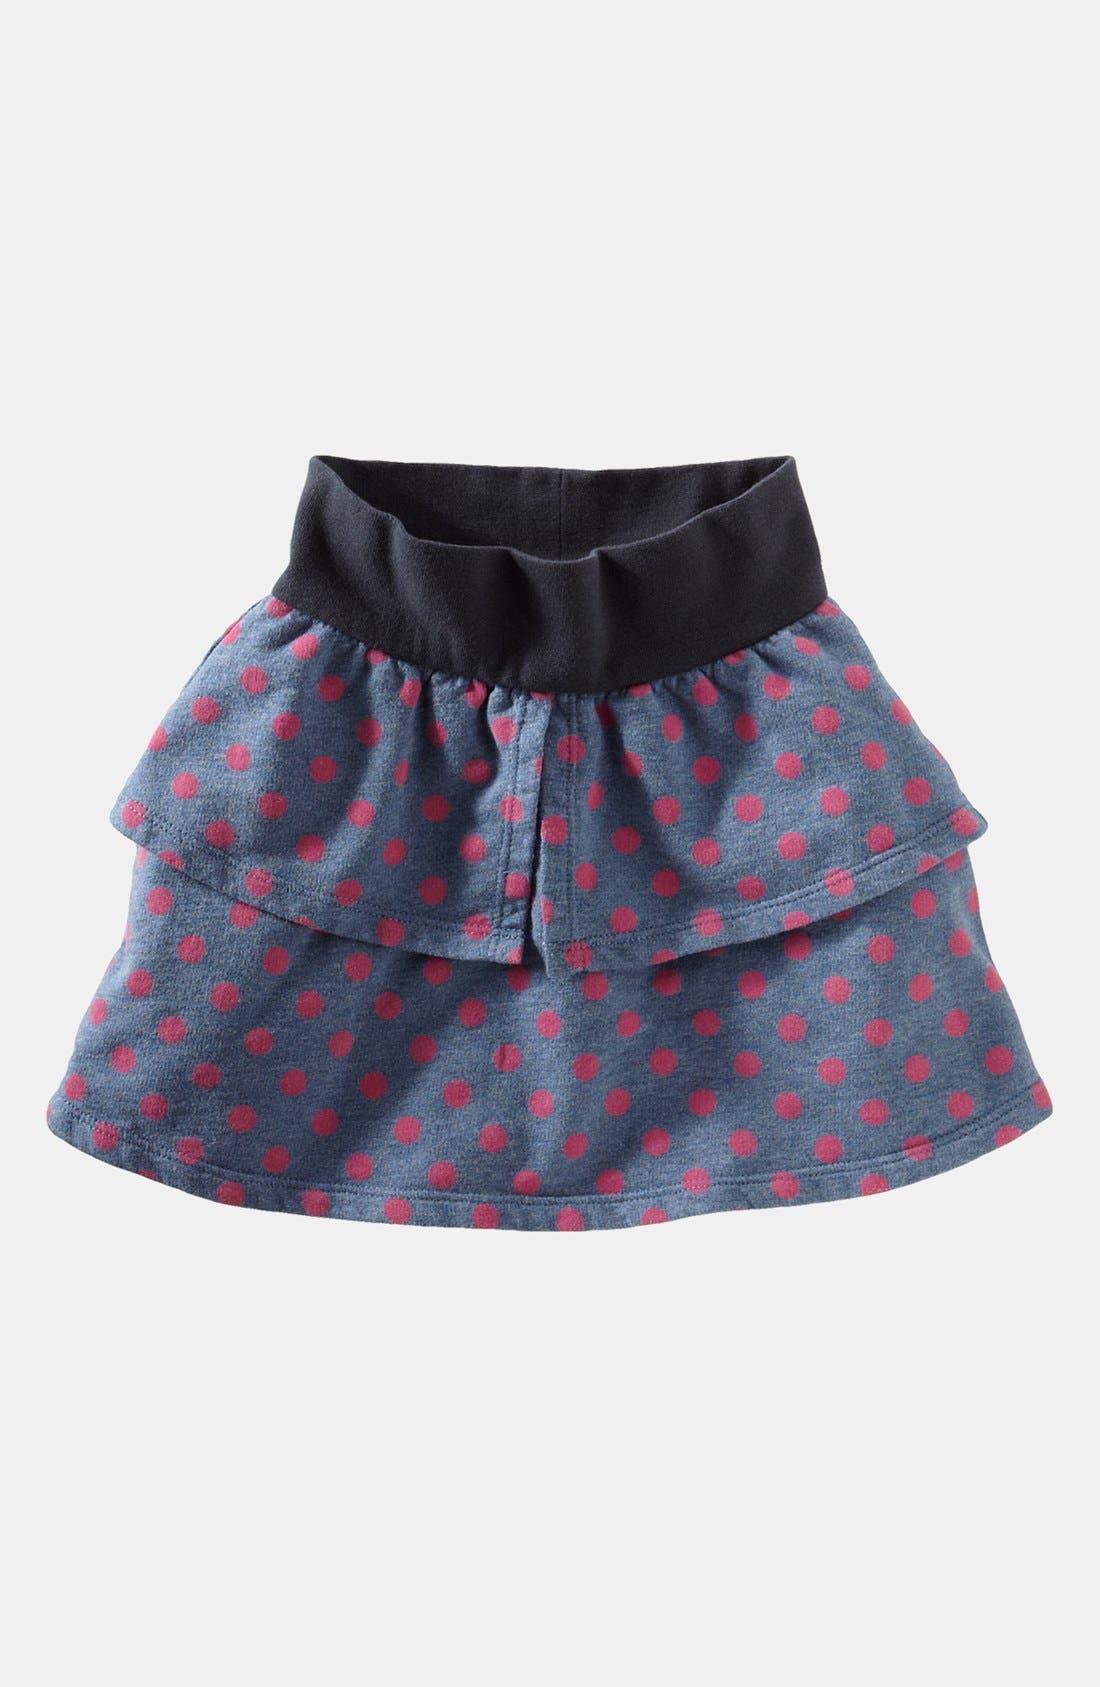 Main Image - Tea Collection 'Dancing Dot' Miniskirt (Toddler Girls, Little Girls & Big Girls)